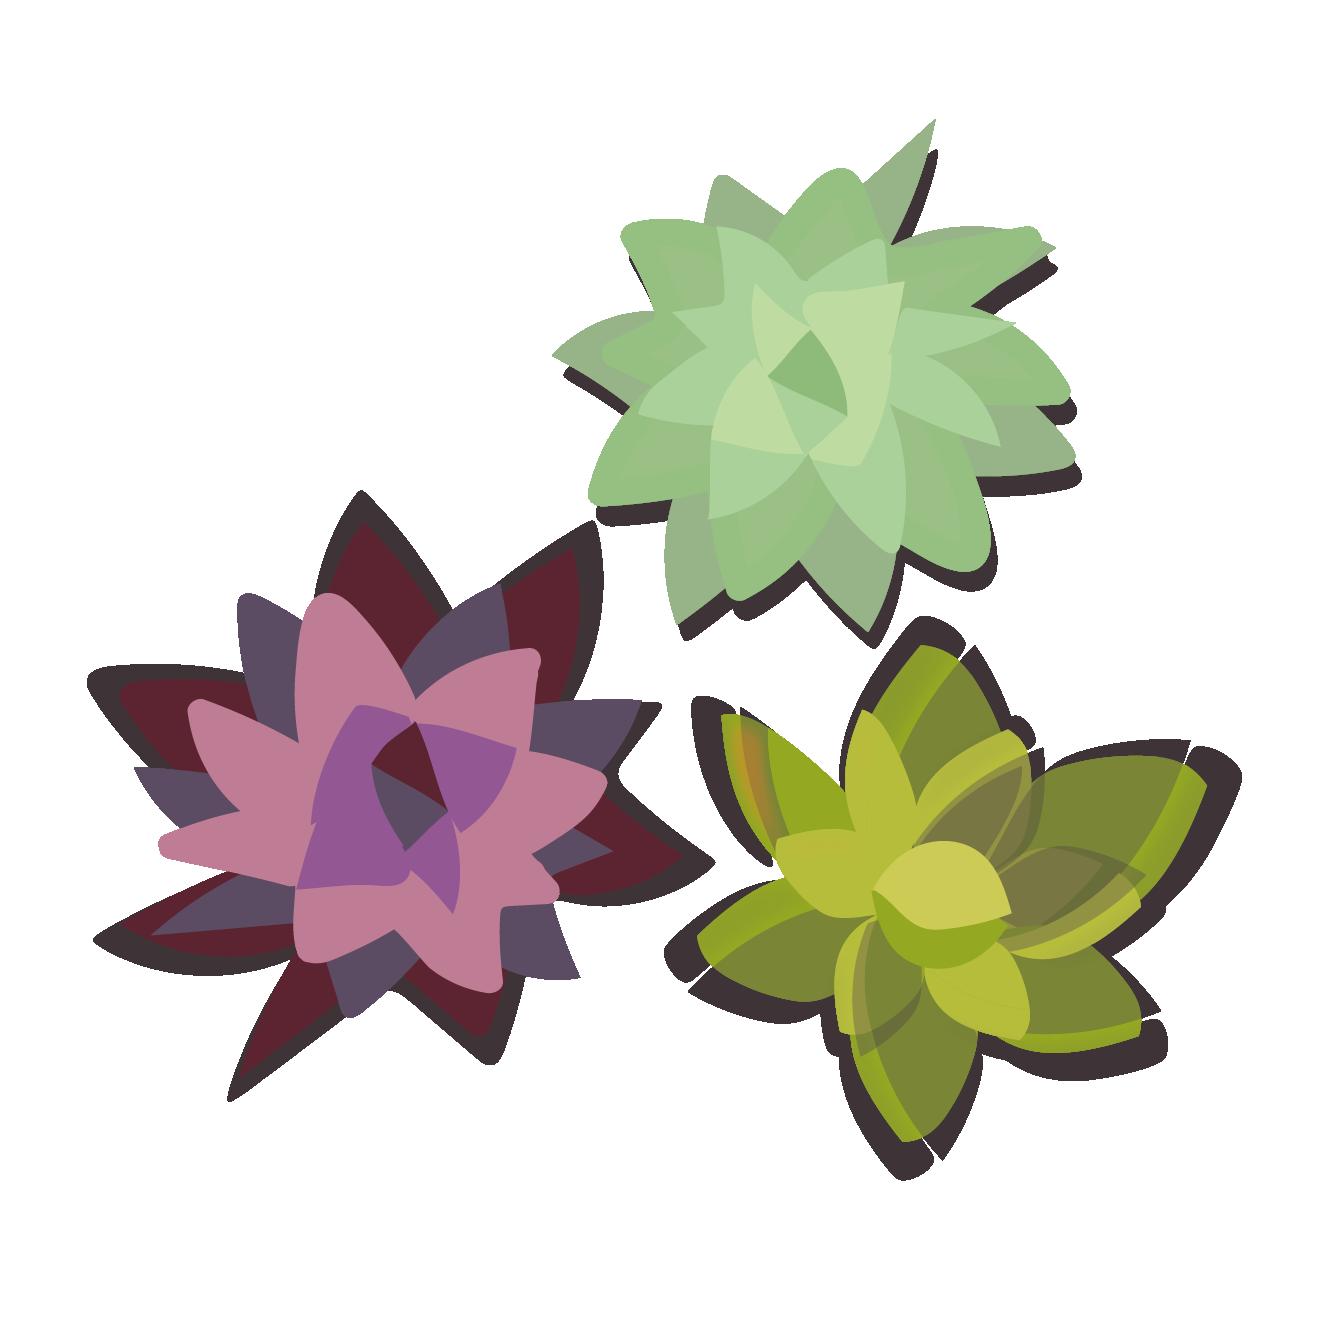 多肉植物のイラスト!おしゃれでかわいい植物♪ | 商用フリー(無料)の